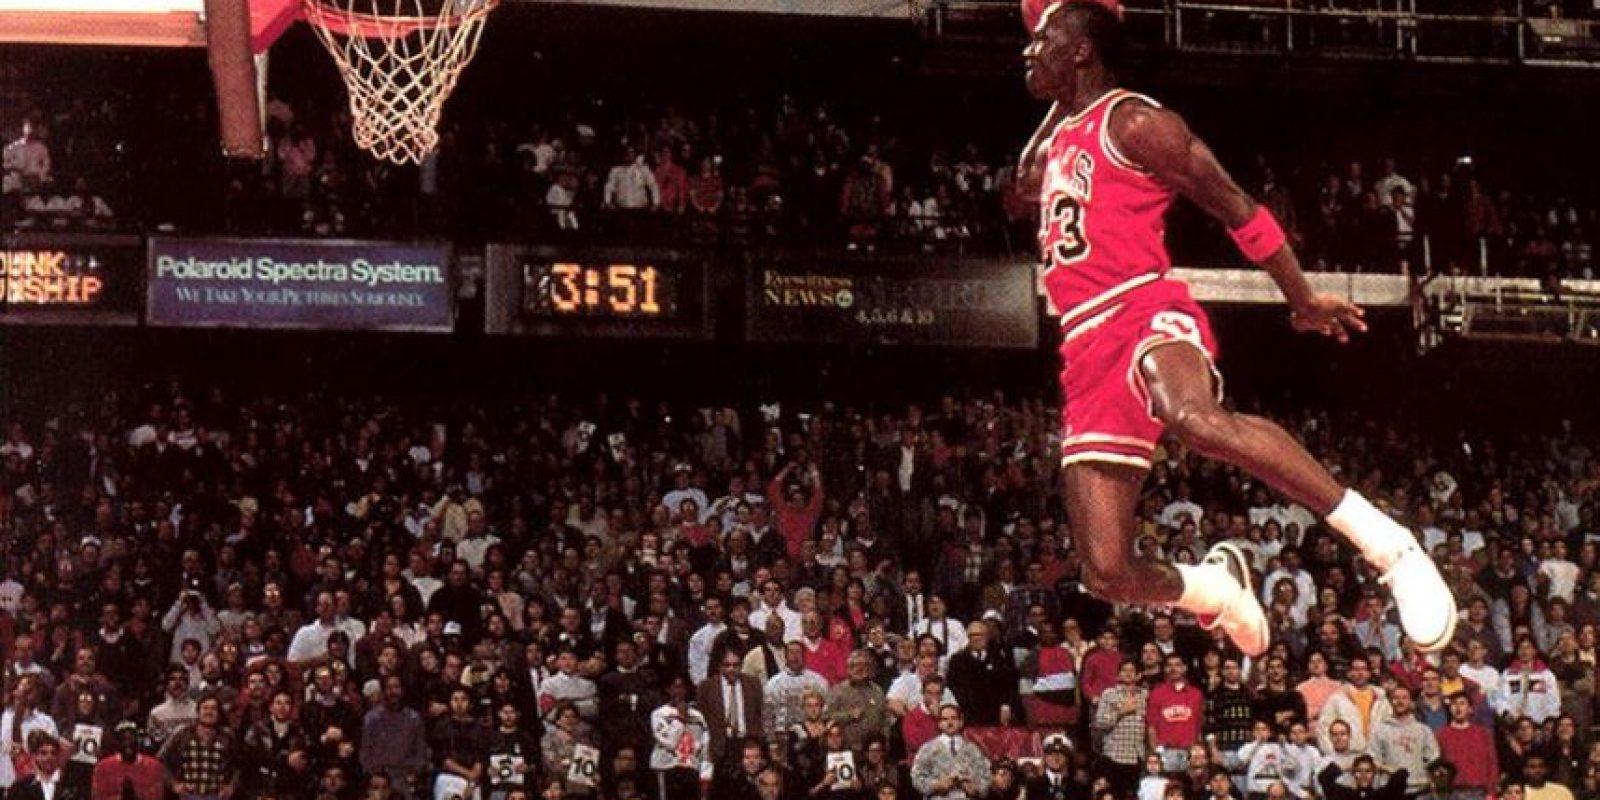 Durante su carrera Jordan ganó múltiples premios e impuso varios récords. Foto:priceonomics.com